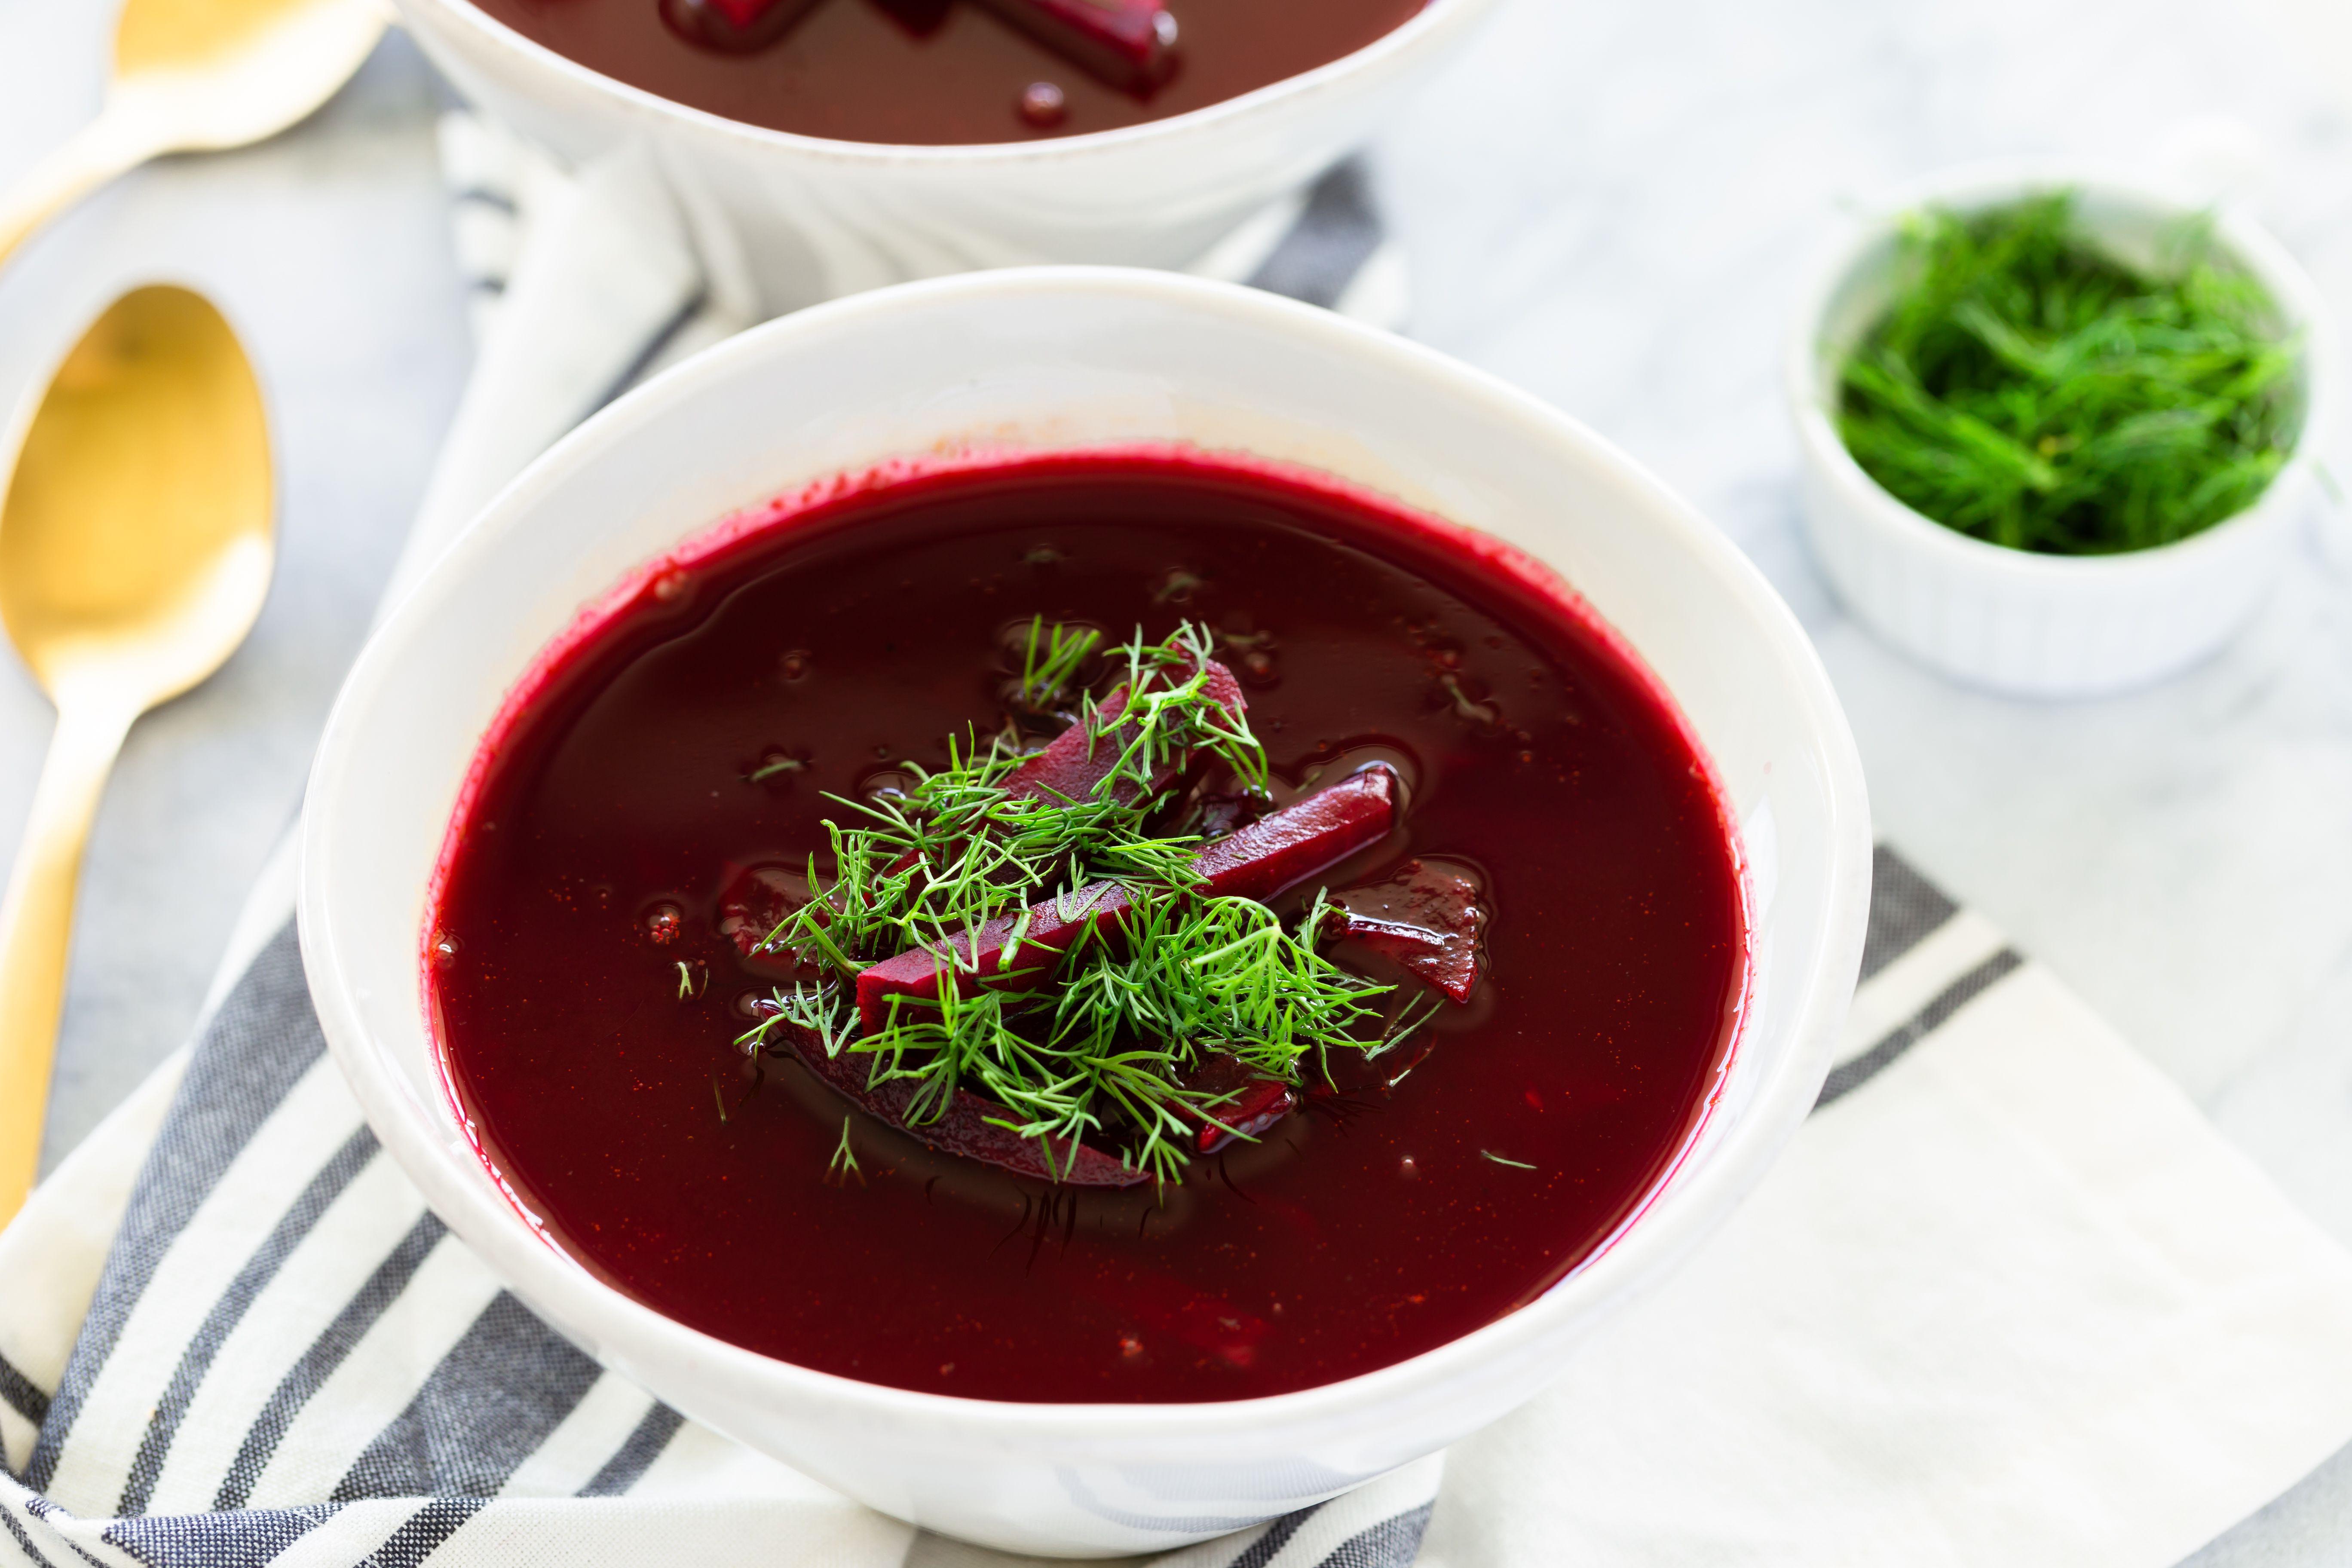 Polish Beet Soup Recipe Barszcz Czysty Czerwony